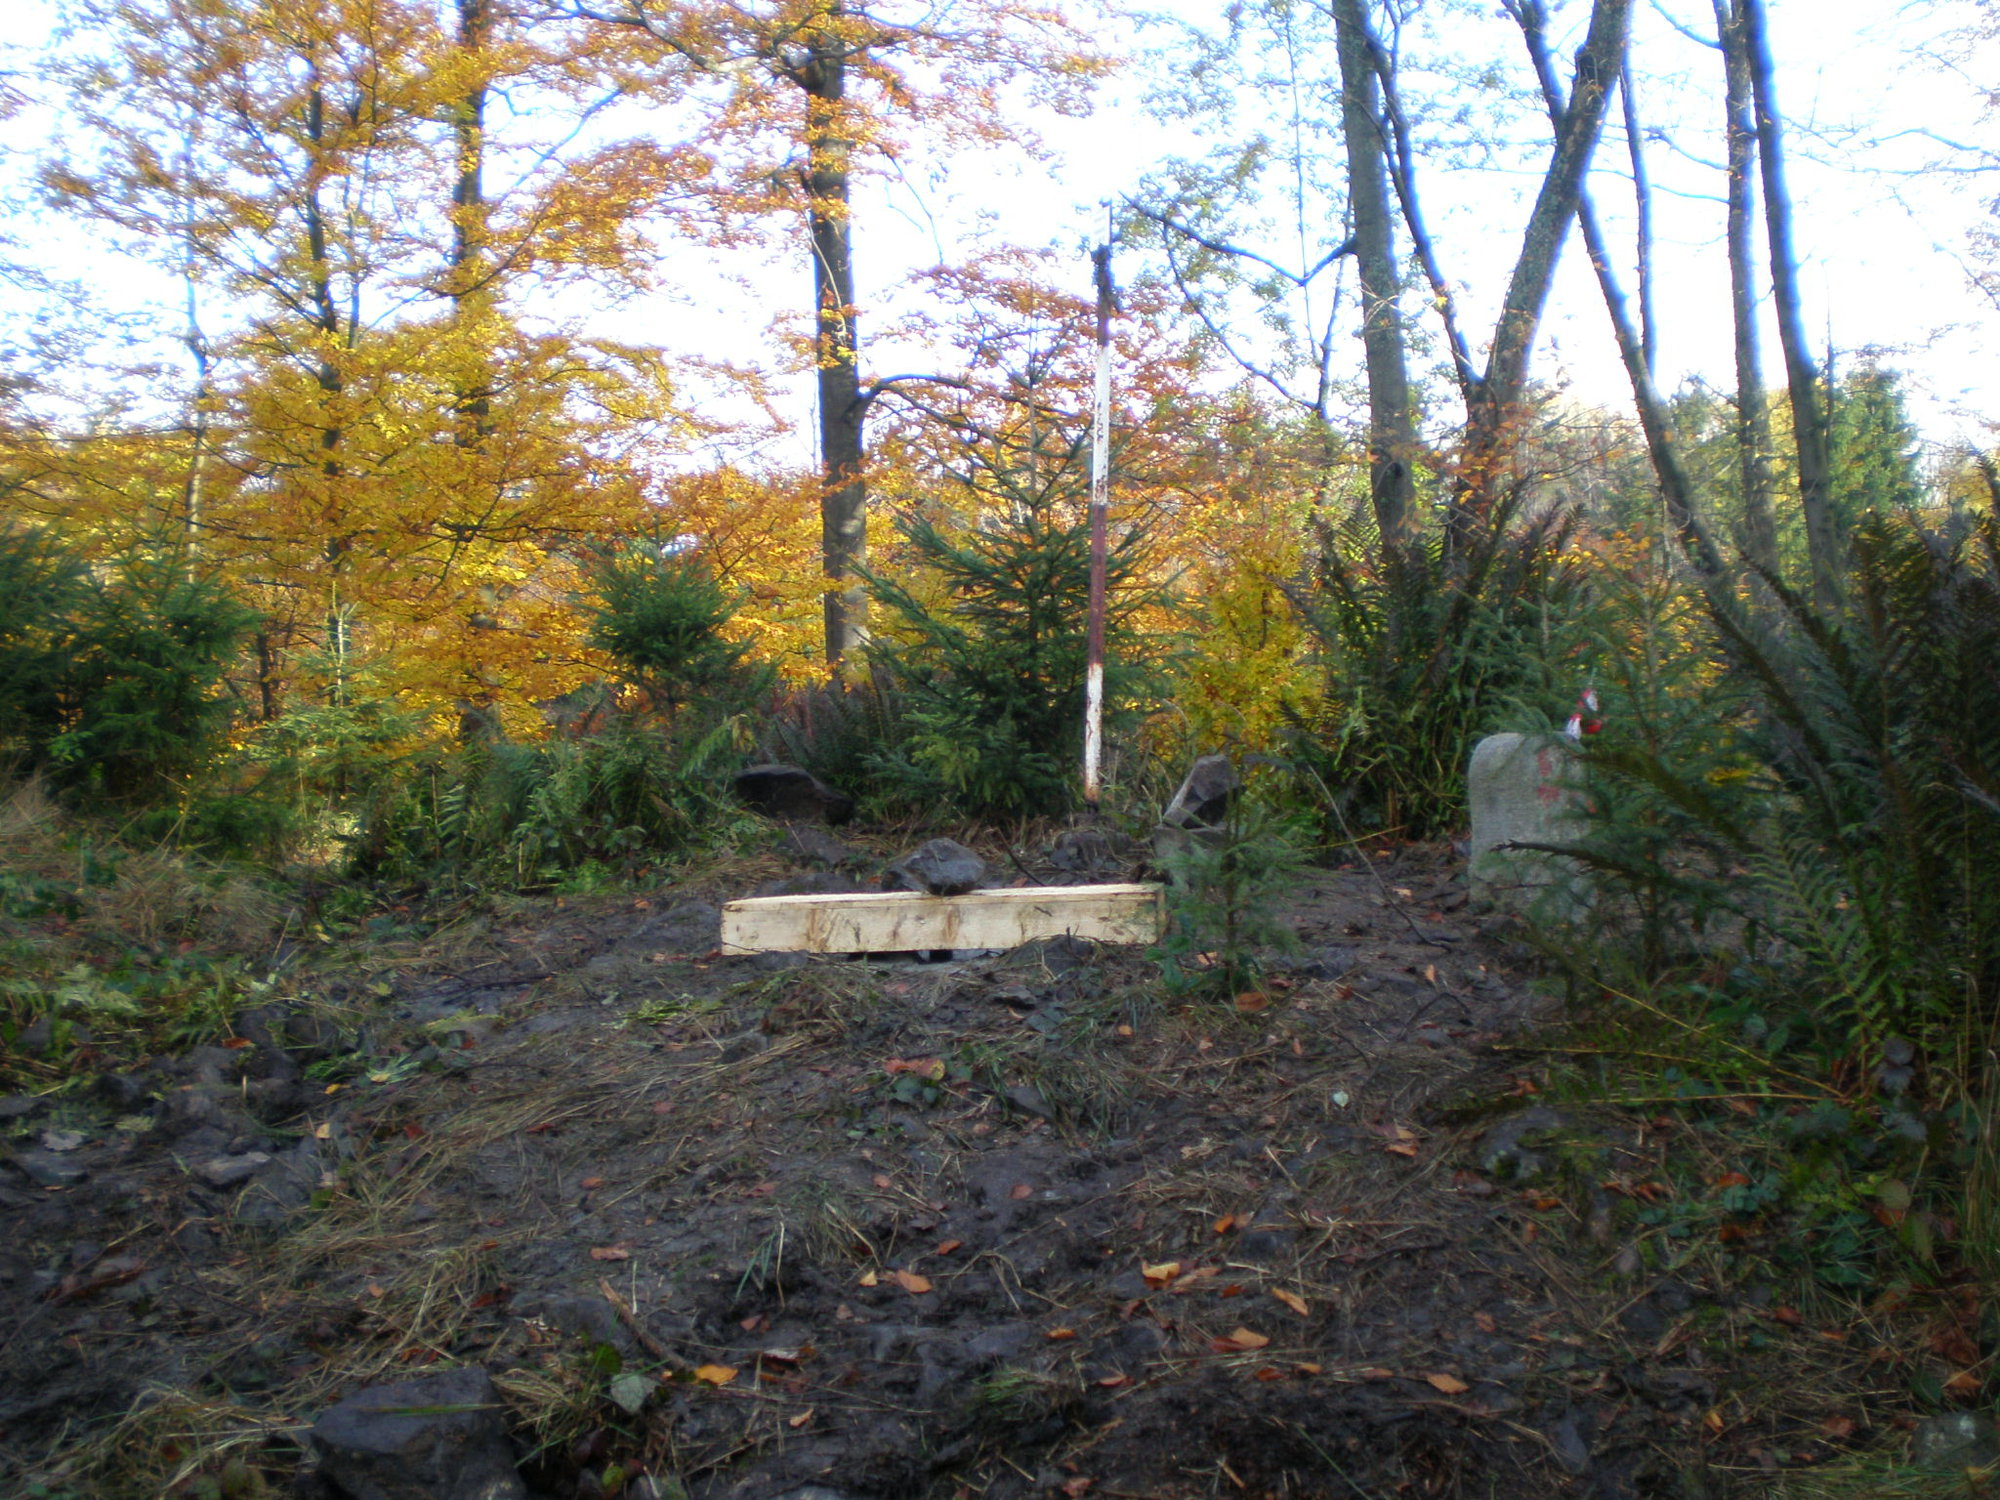 вершина высоты 718 м, Бржизковец, где должен был быть размещен радар американской ПВО